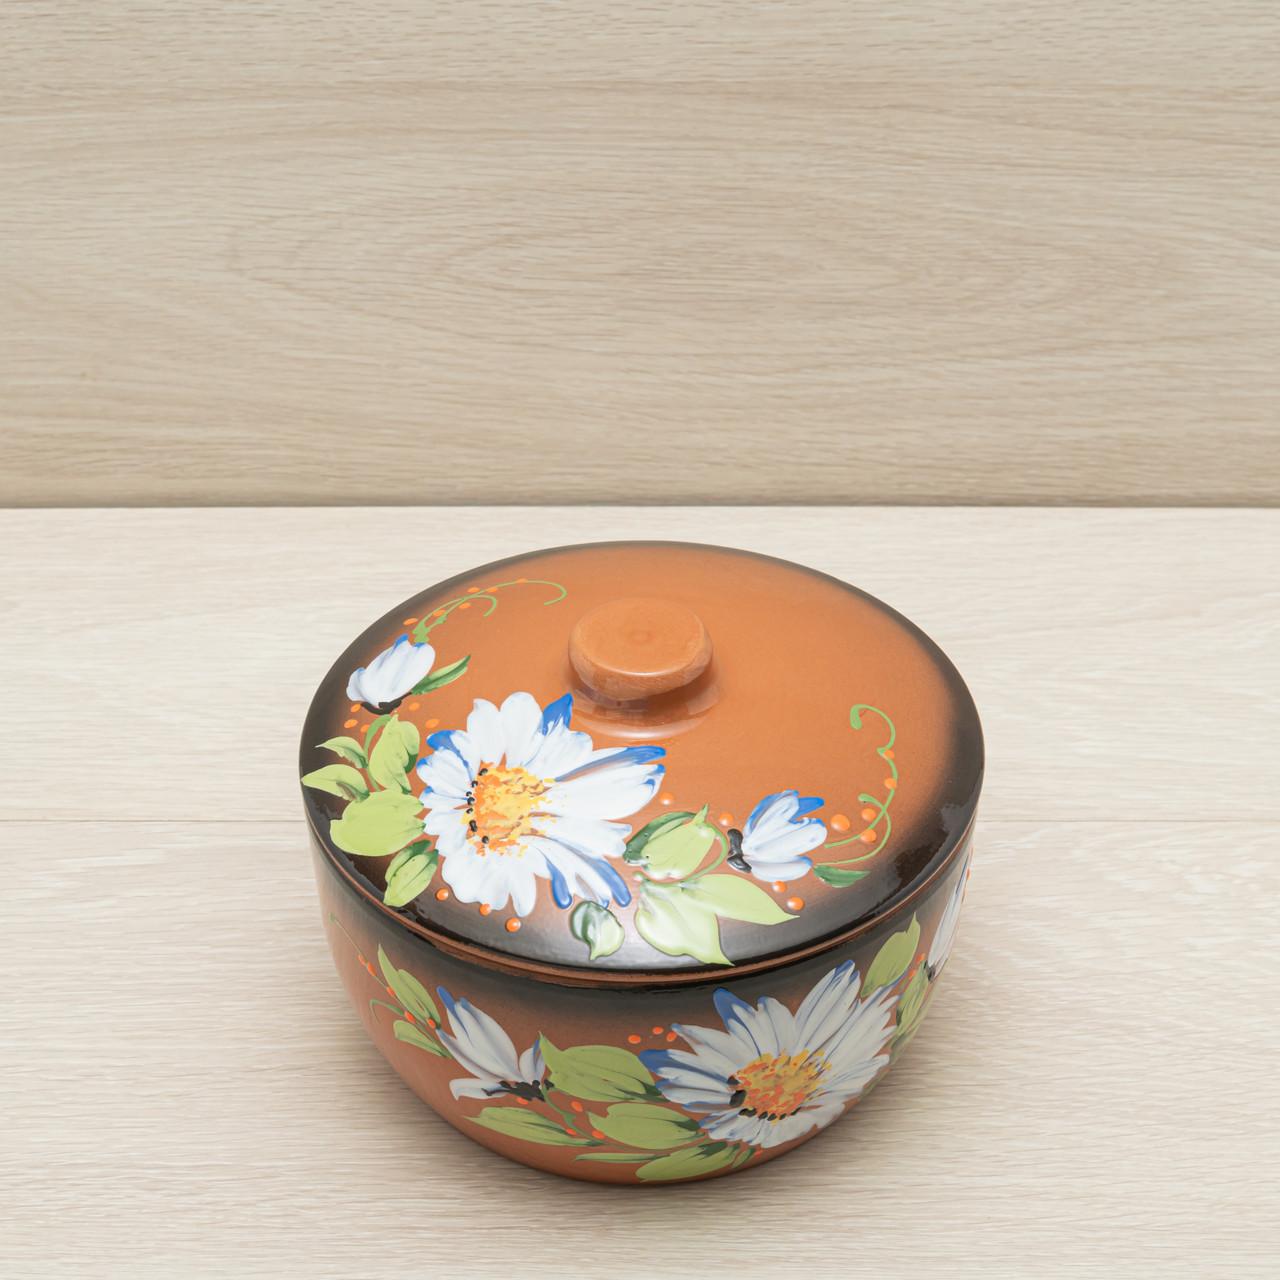 Кашник глиняный в глазури, 2.5 л, художественное оформление